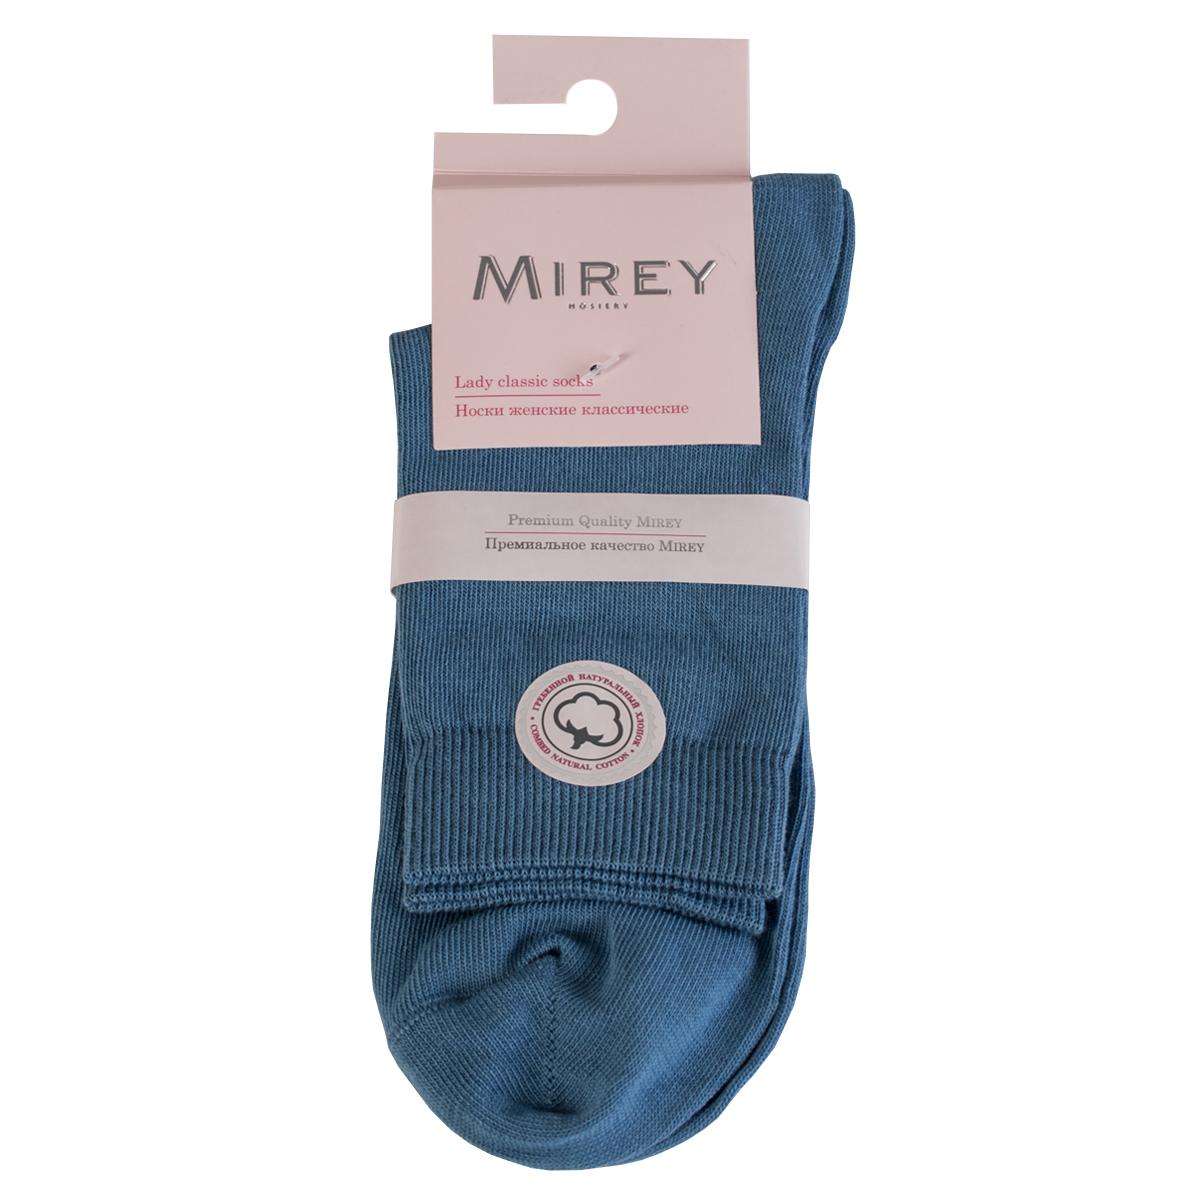 Носки женские Mirey, цвет: синий. MSC 007. Размер (38/40)MSC 007Классические женские носки от Mirey выполнены из хлопка с эластаном.Усиленный мысок и пятка, двойная резинка сетка, плоский шов.